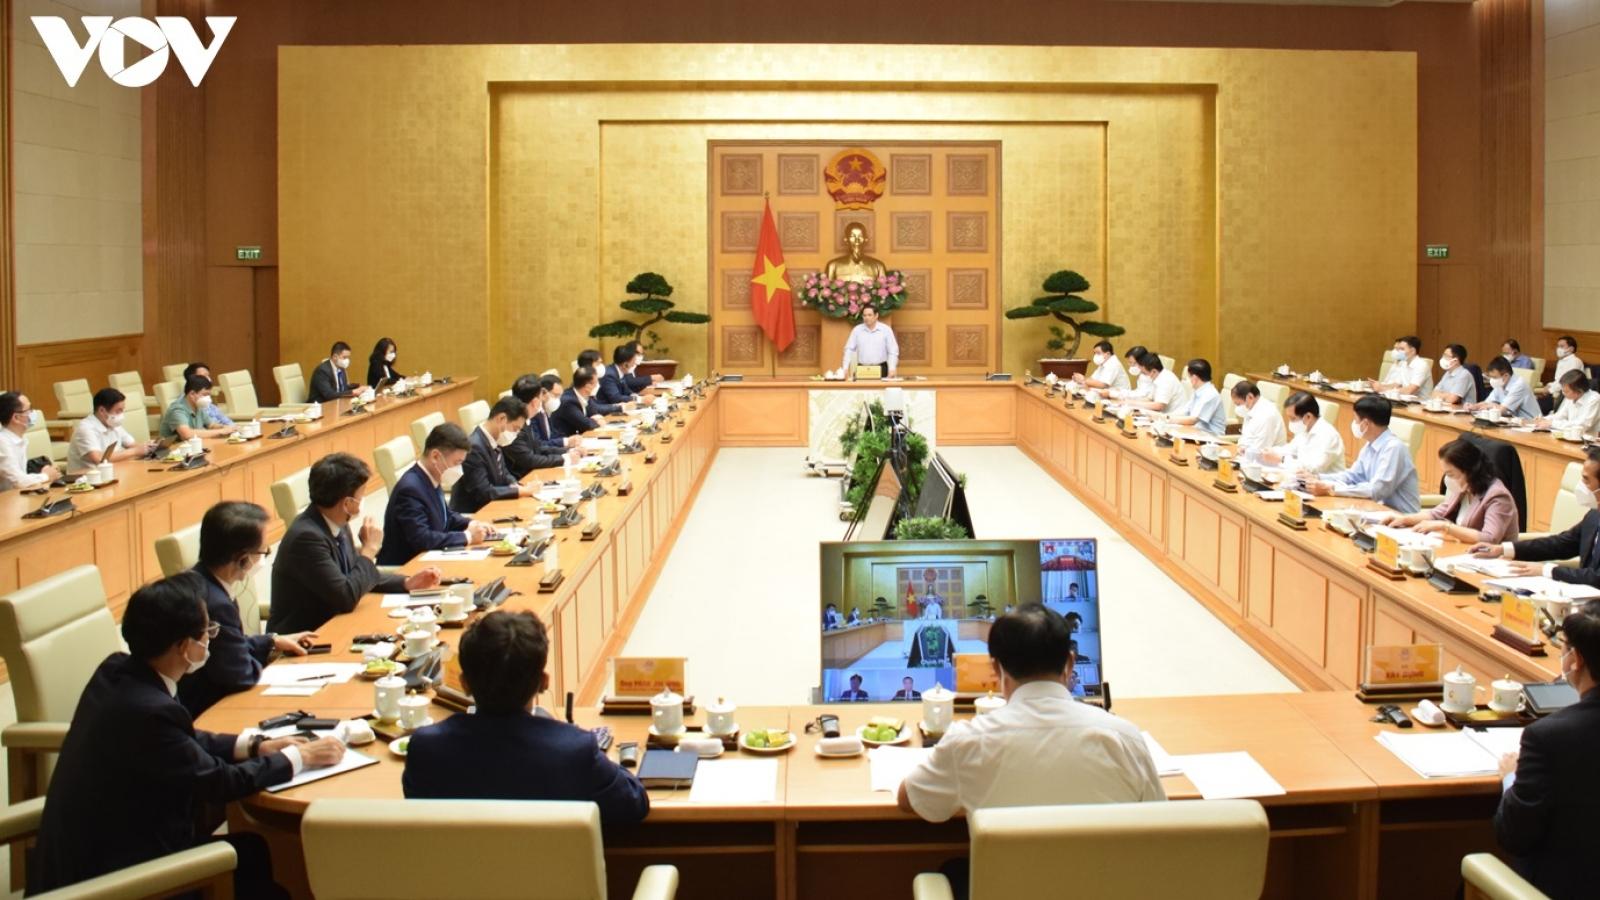 Thủ tướng làm việc với đại sứ và các doanh nghiệp Hàn Quốc tại Việt Nam